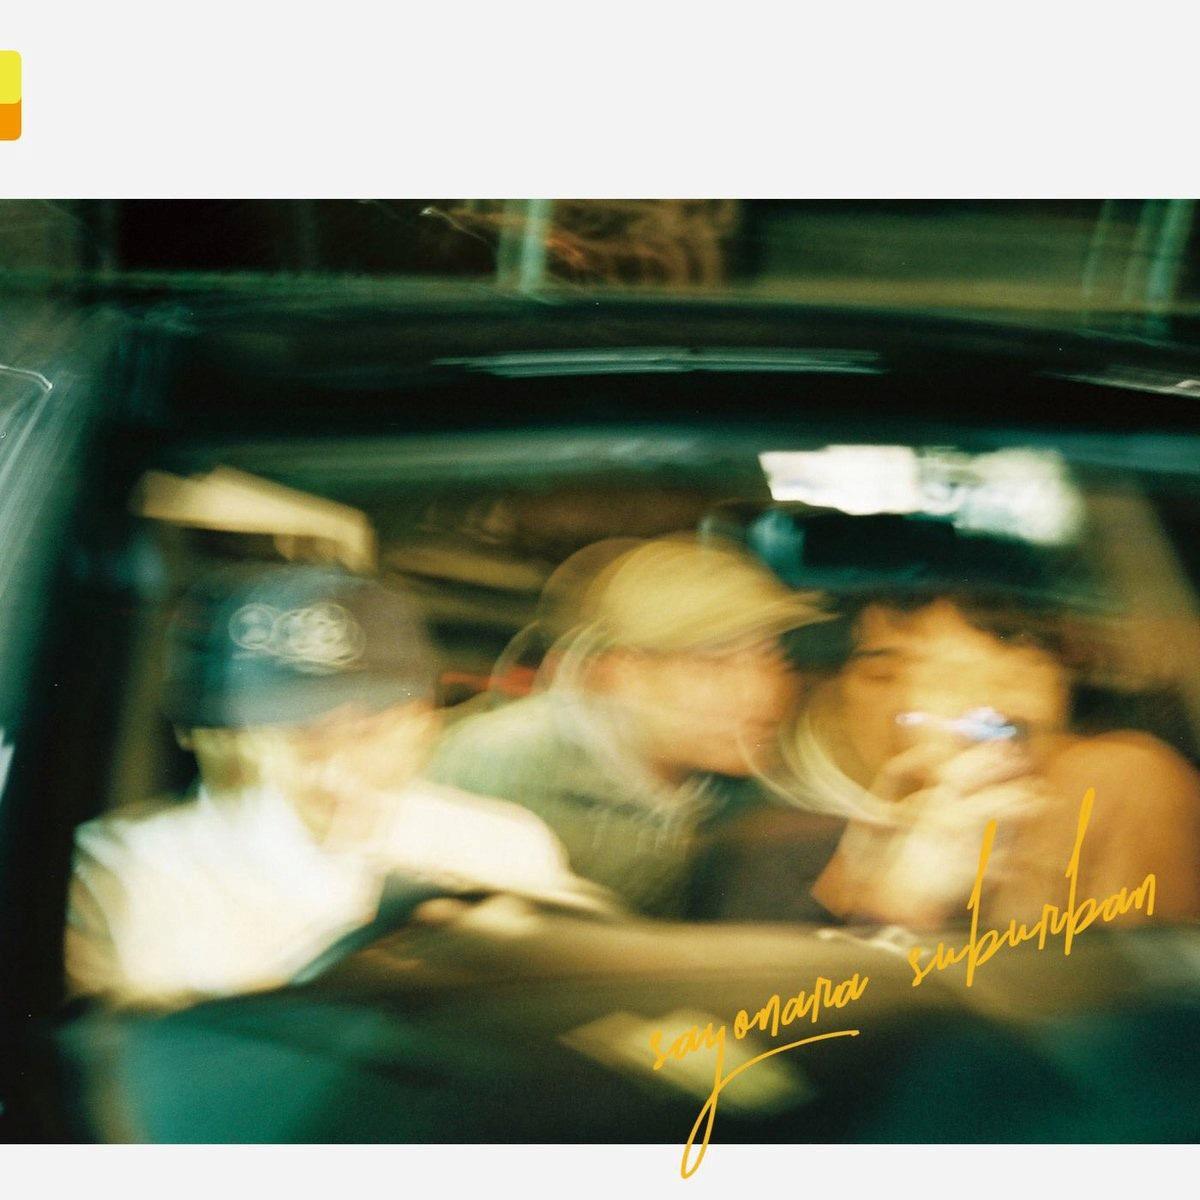 ゲームセンターの新作EP「さよならサバーバン」のジャケット写真